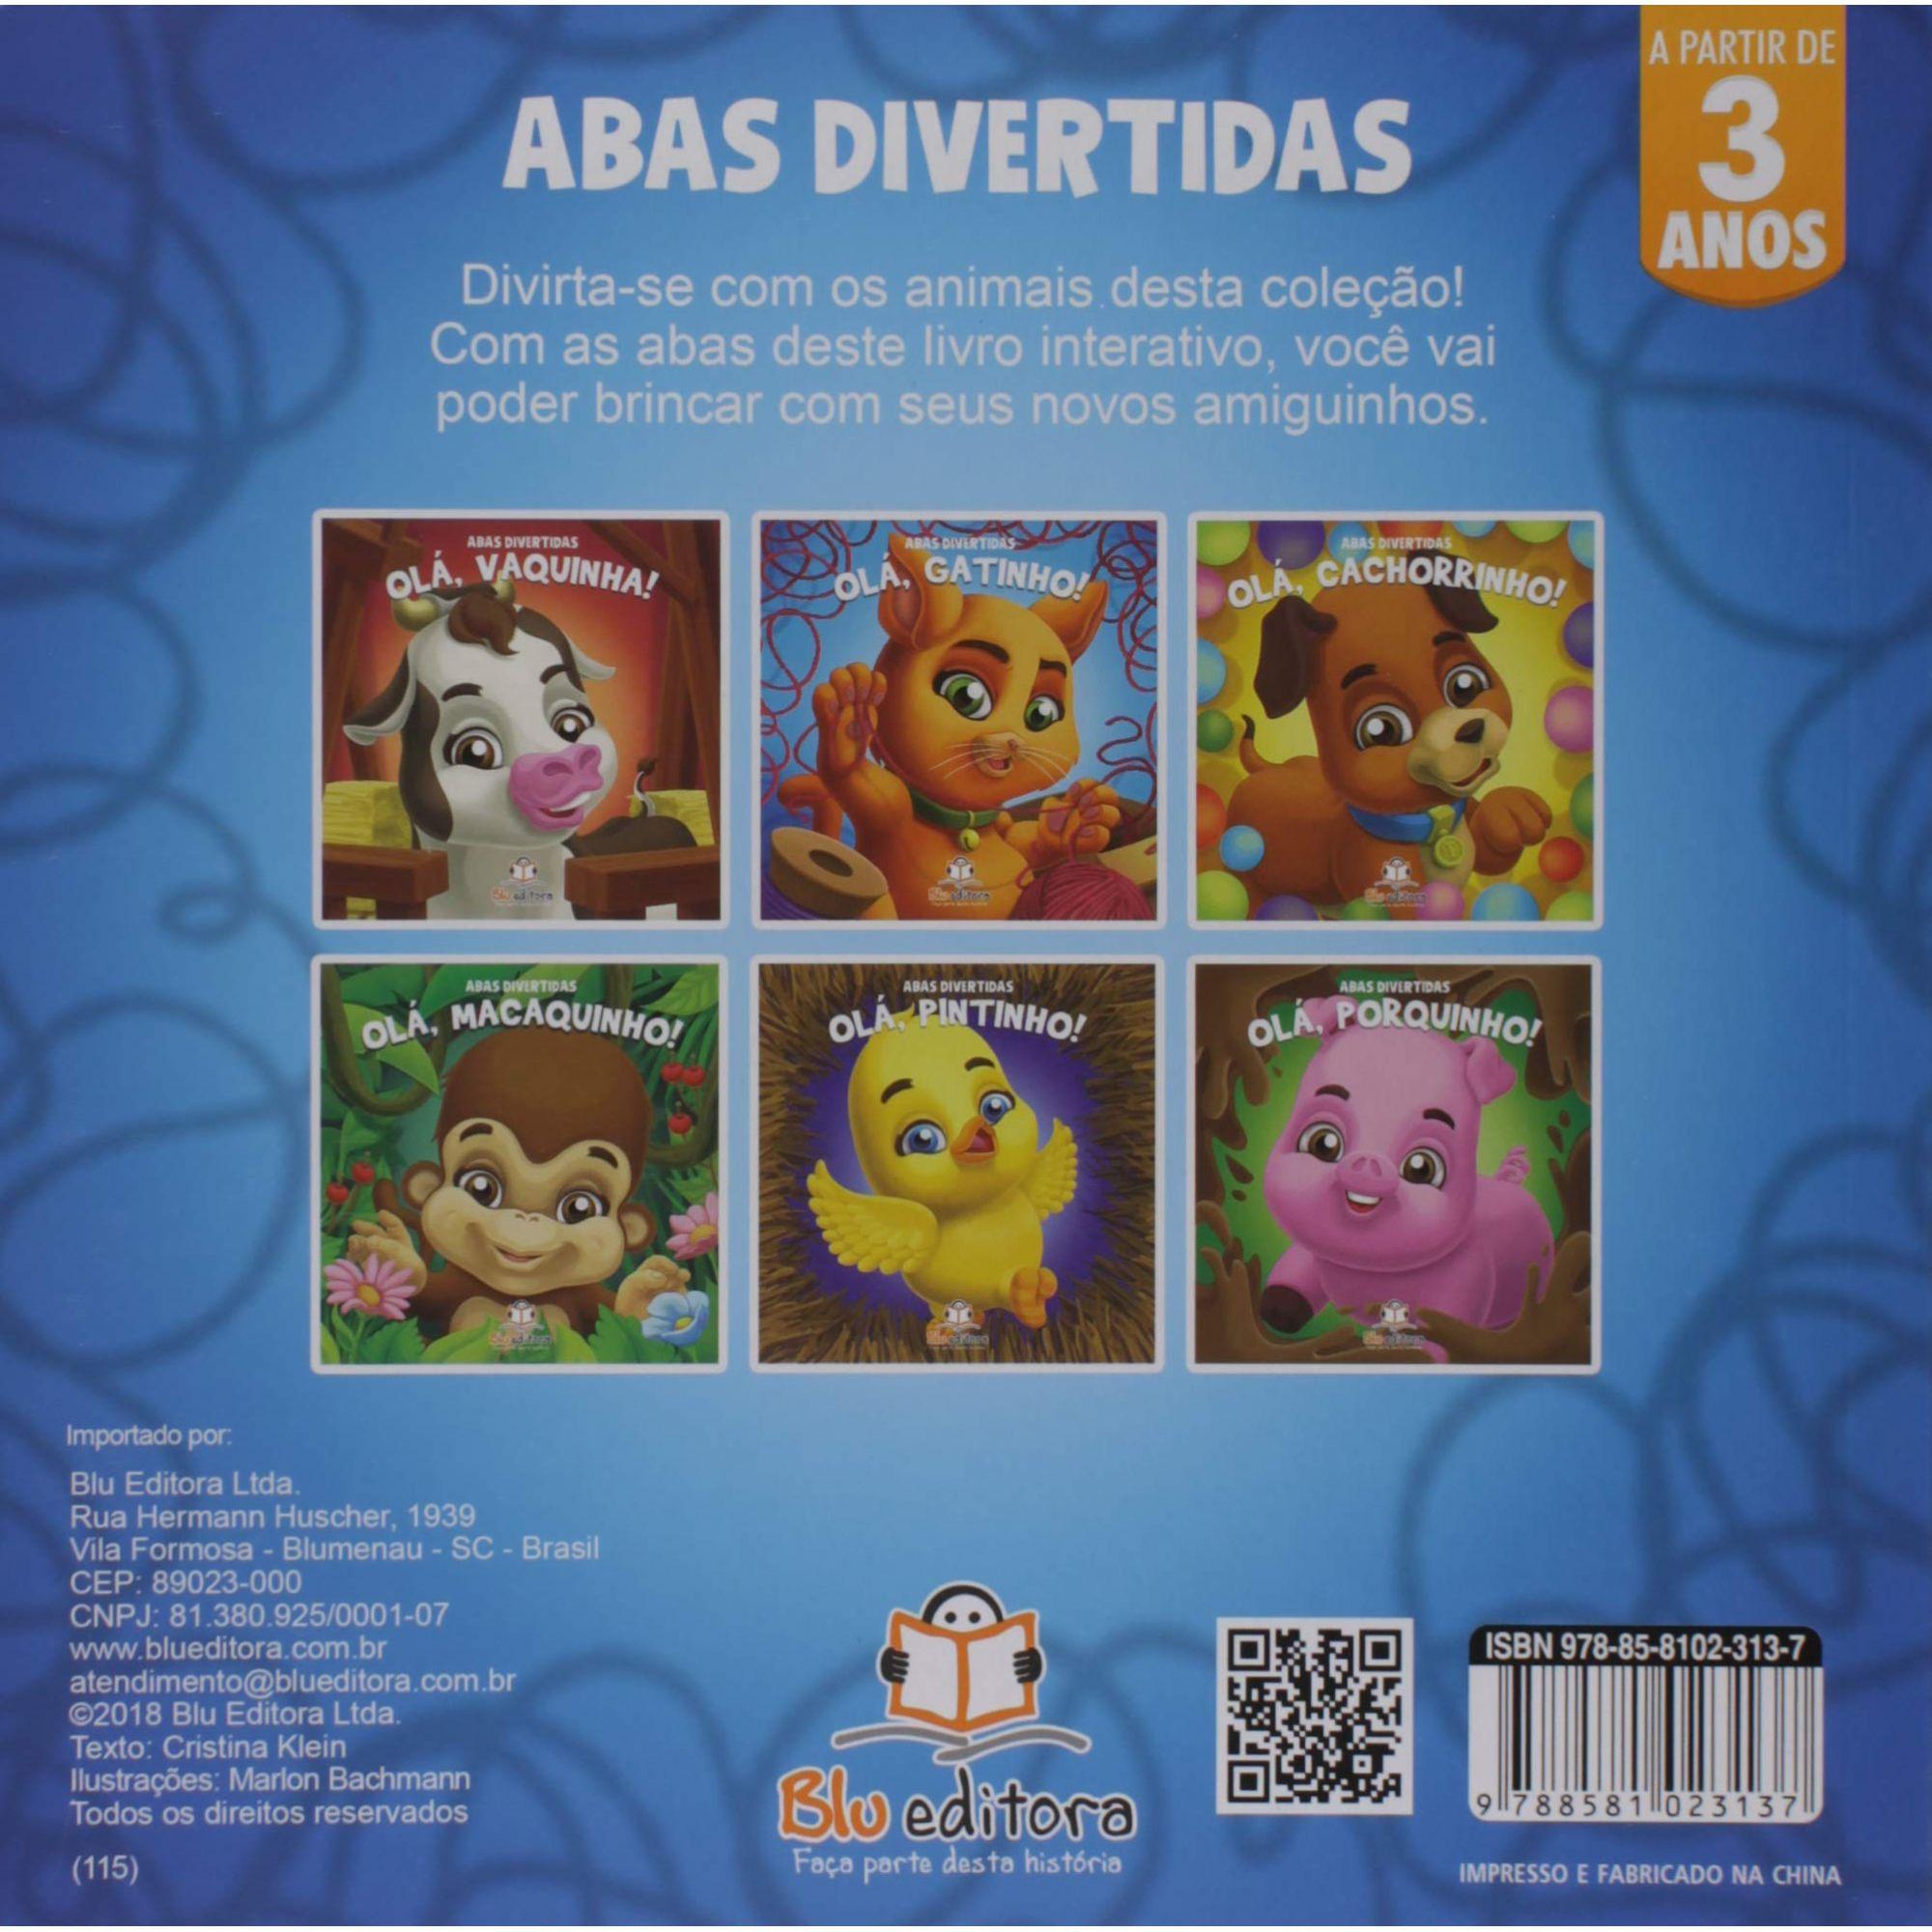 ABAS DIVERTIDAS - OLA GATINHO